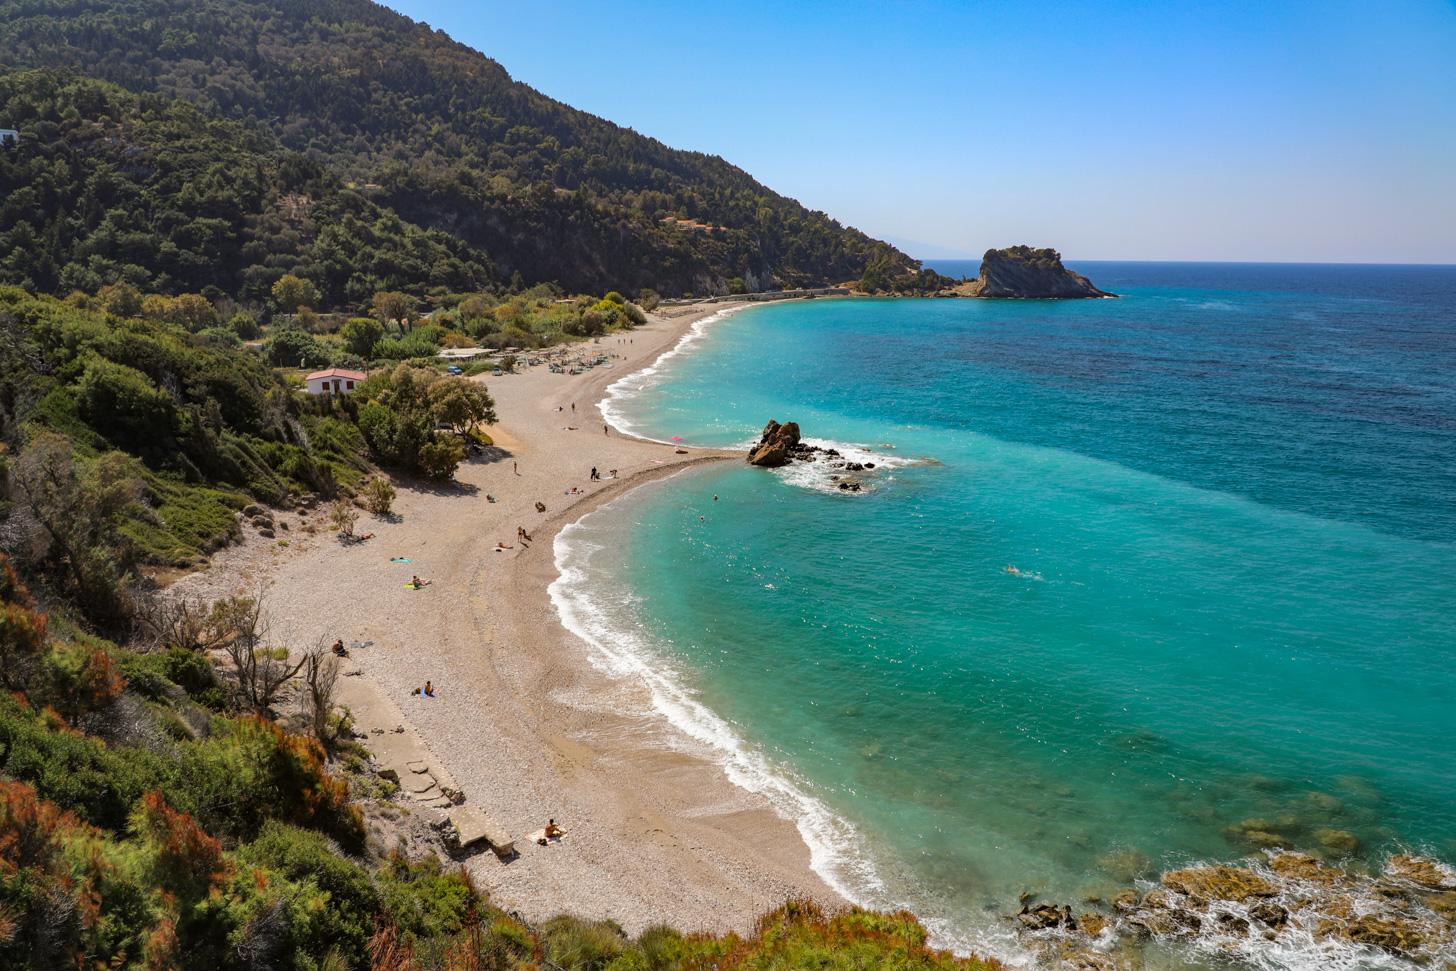 Potámi Beach is een prachtig strand op Samos.